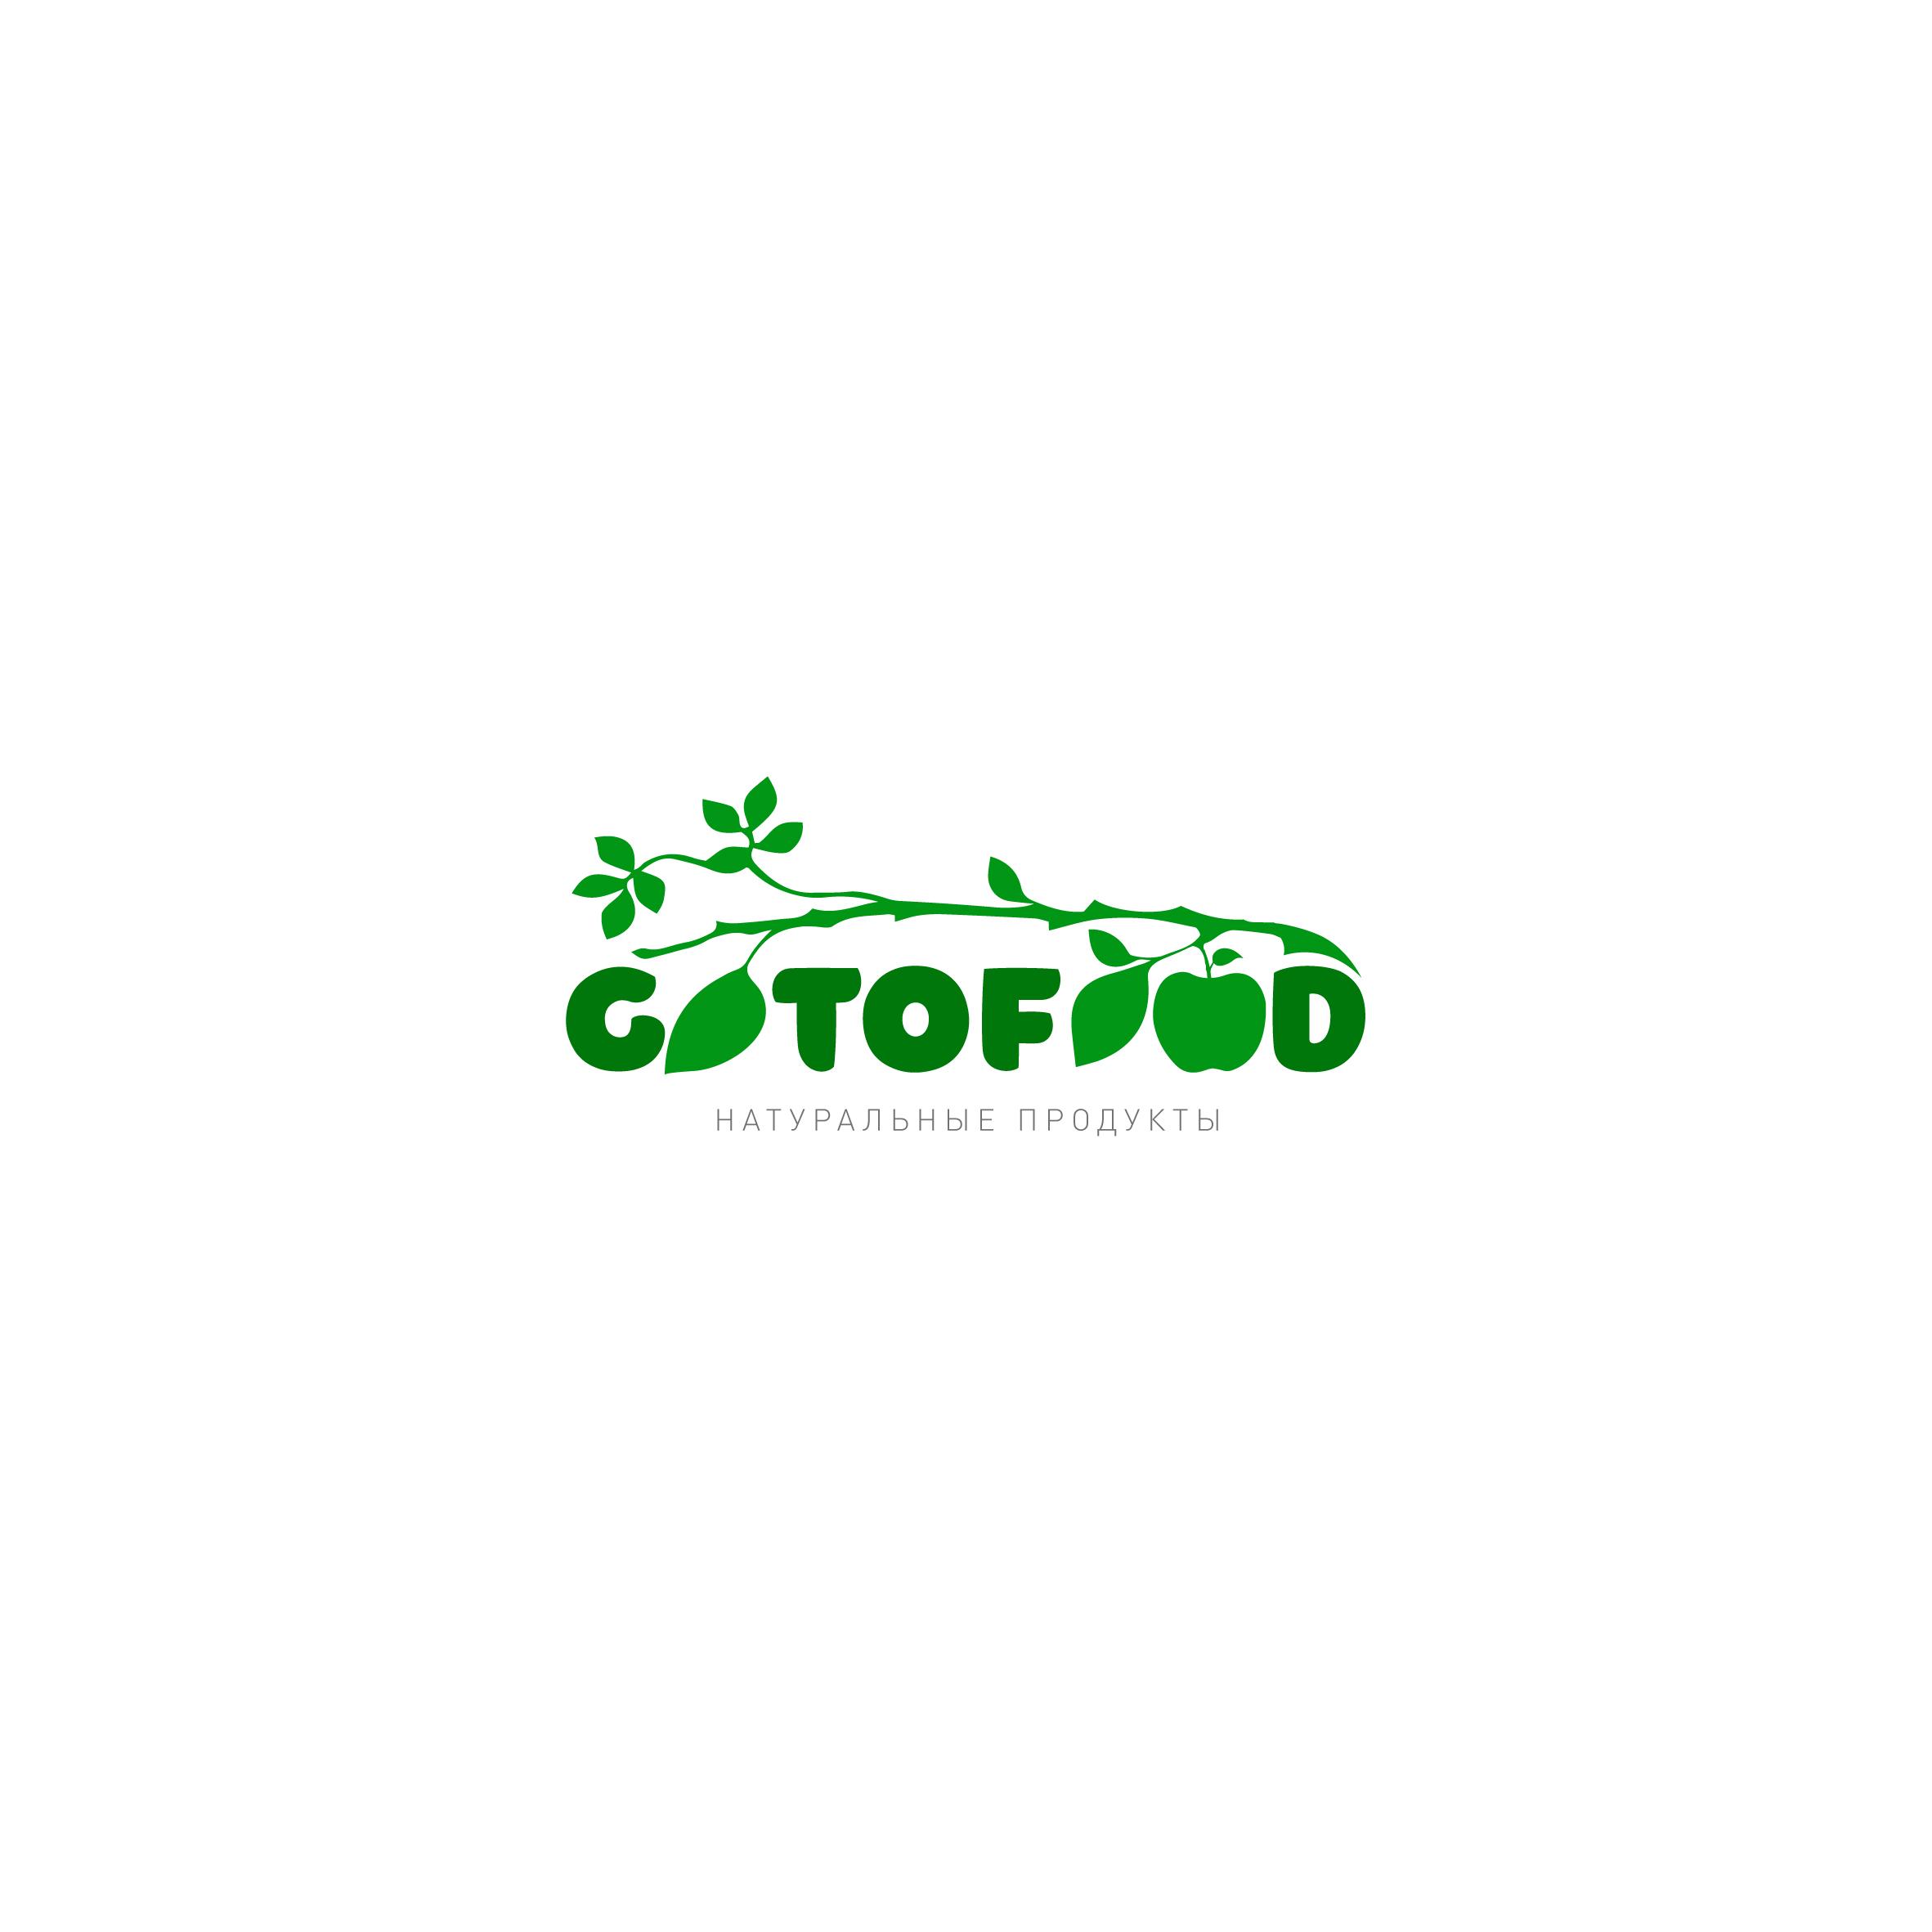 Логотип интернет-магазина здоровой еды фото f_1965cd2e7126d3ca.jpg